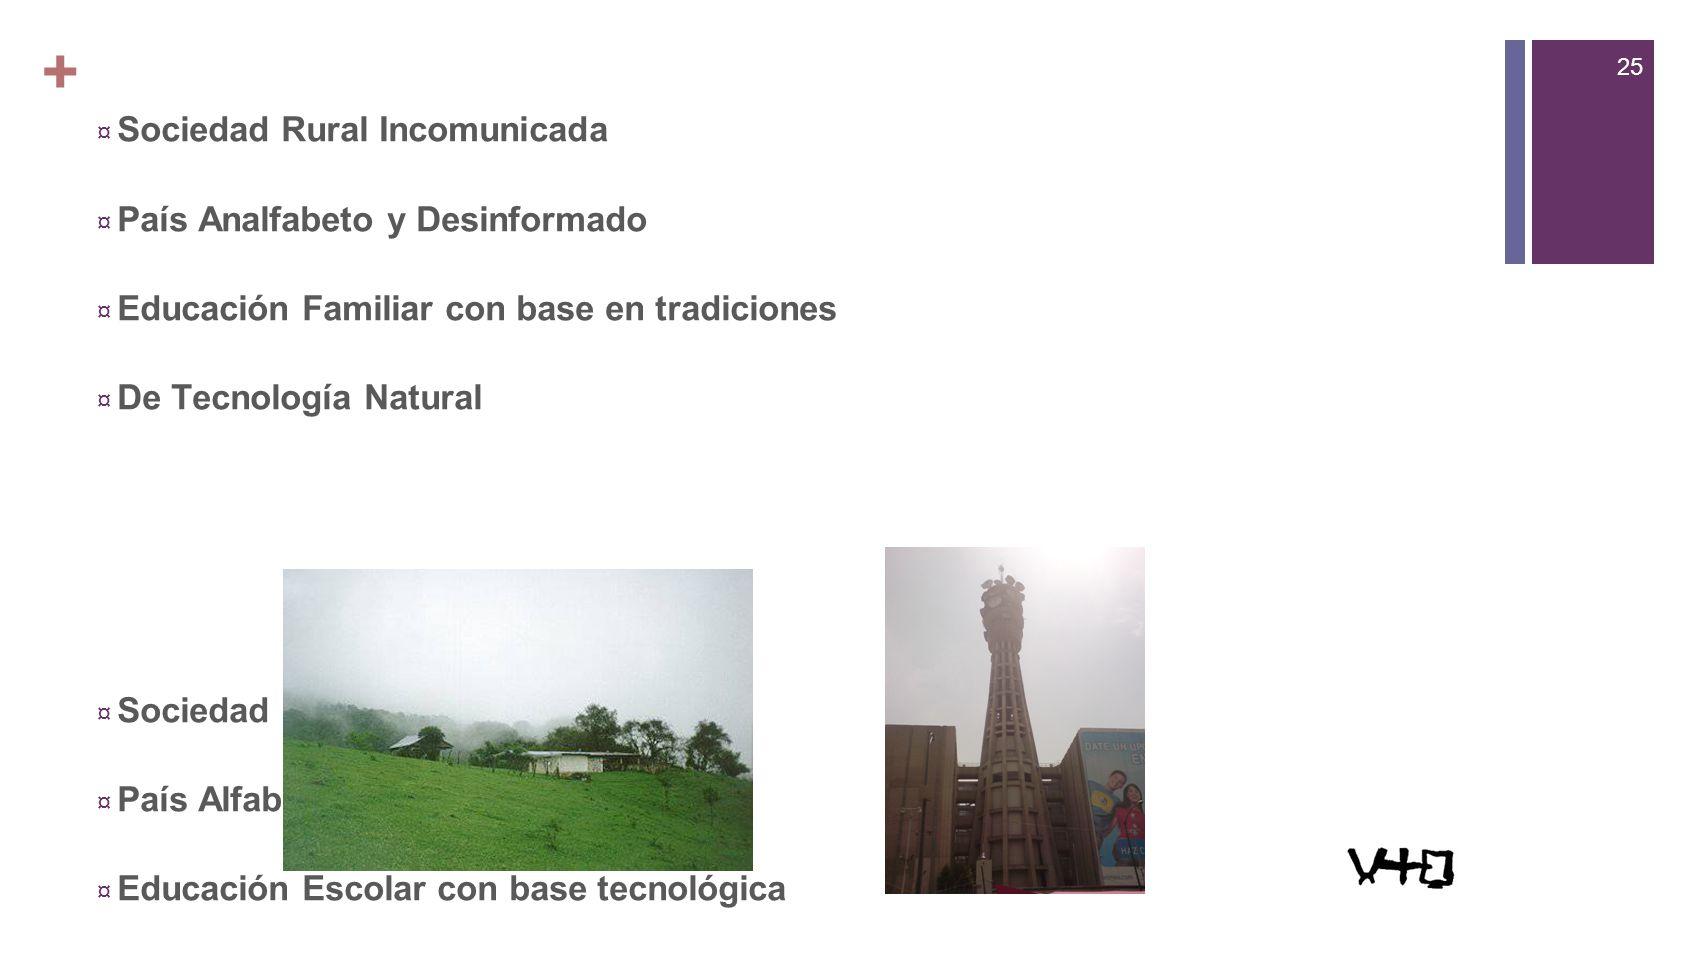 + Sociedad Rural Incomunicada País Analfabeto y Desinformado